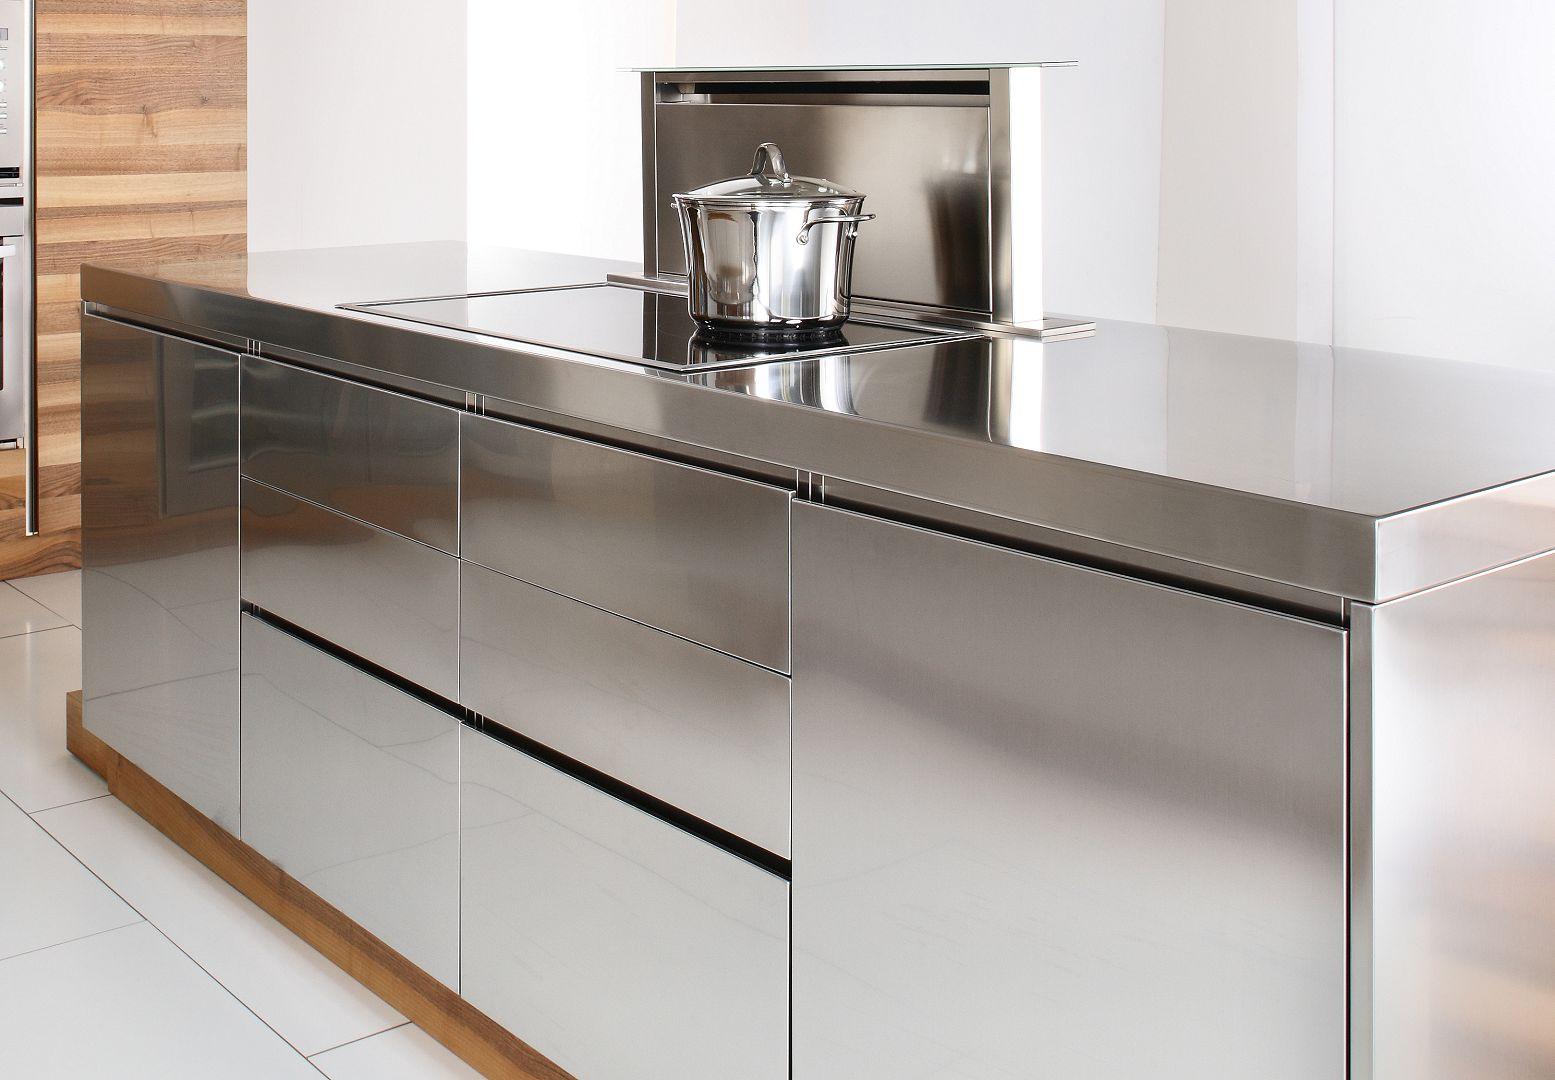 Open arca cucine italia cucine in acciaio inox - Cucine in acciaio inox ...